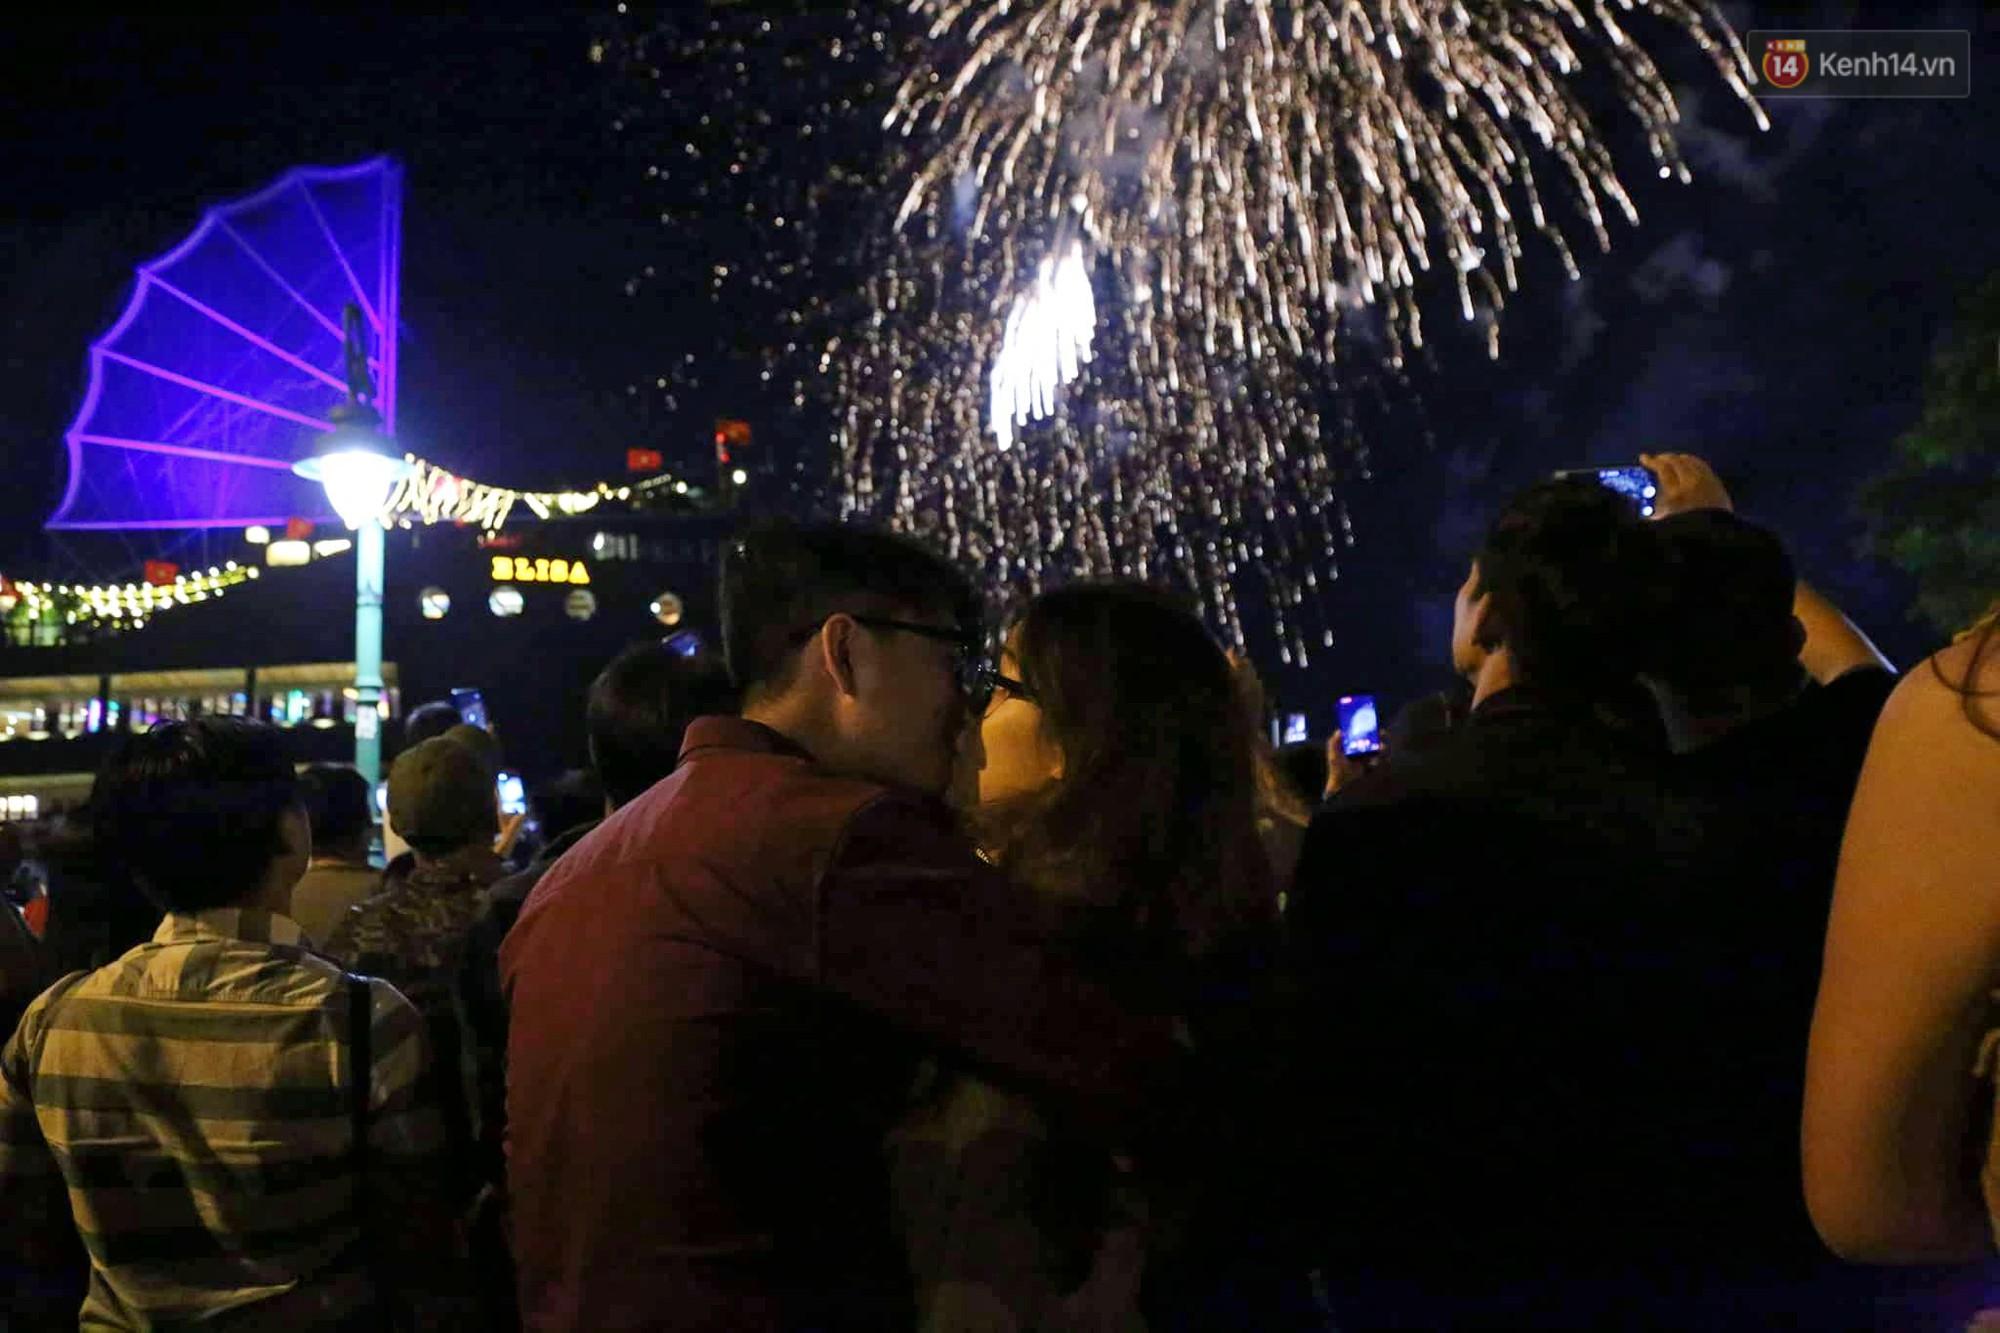 Pháo hoa đầy màu sắc sáng rực trời đêm, Sài Gòn hân hoan đón chào năm mới 2019 - Ảnh 7.